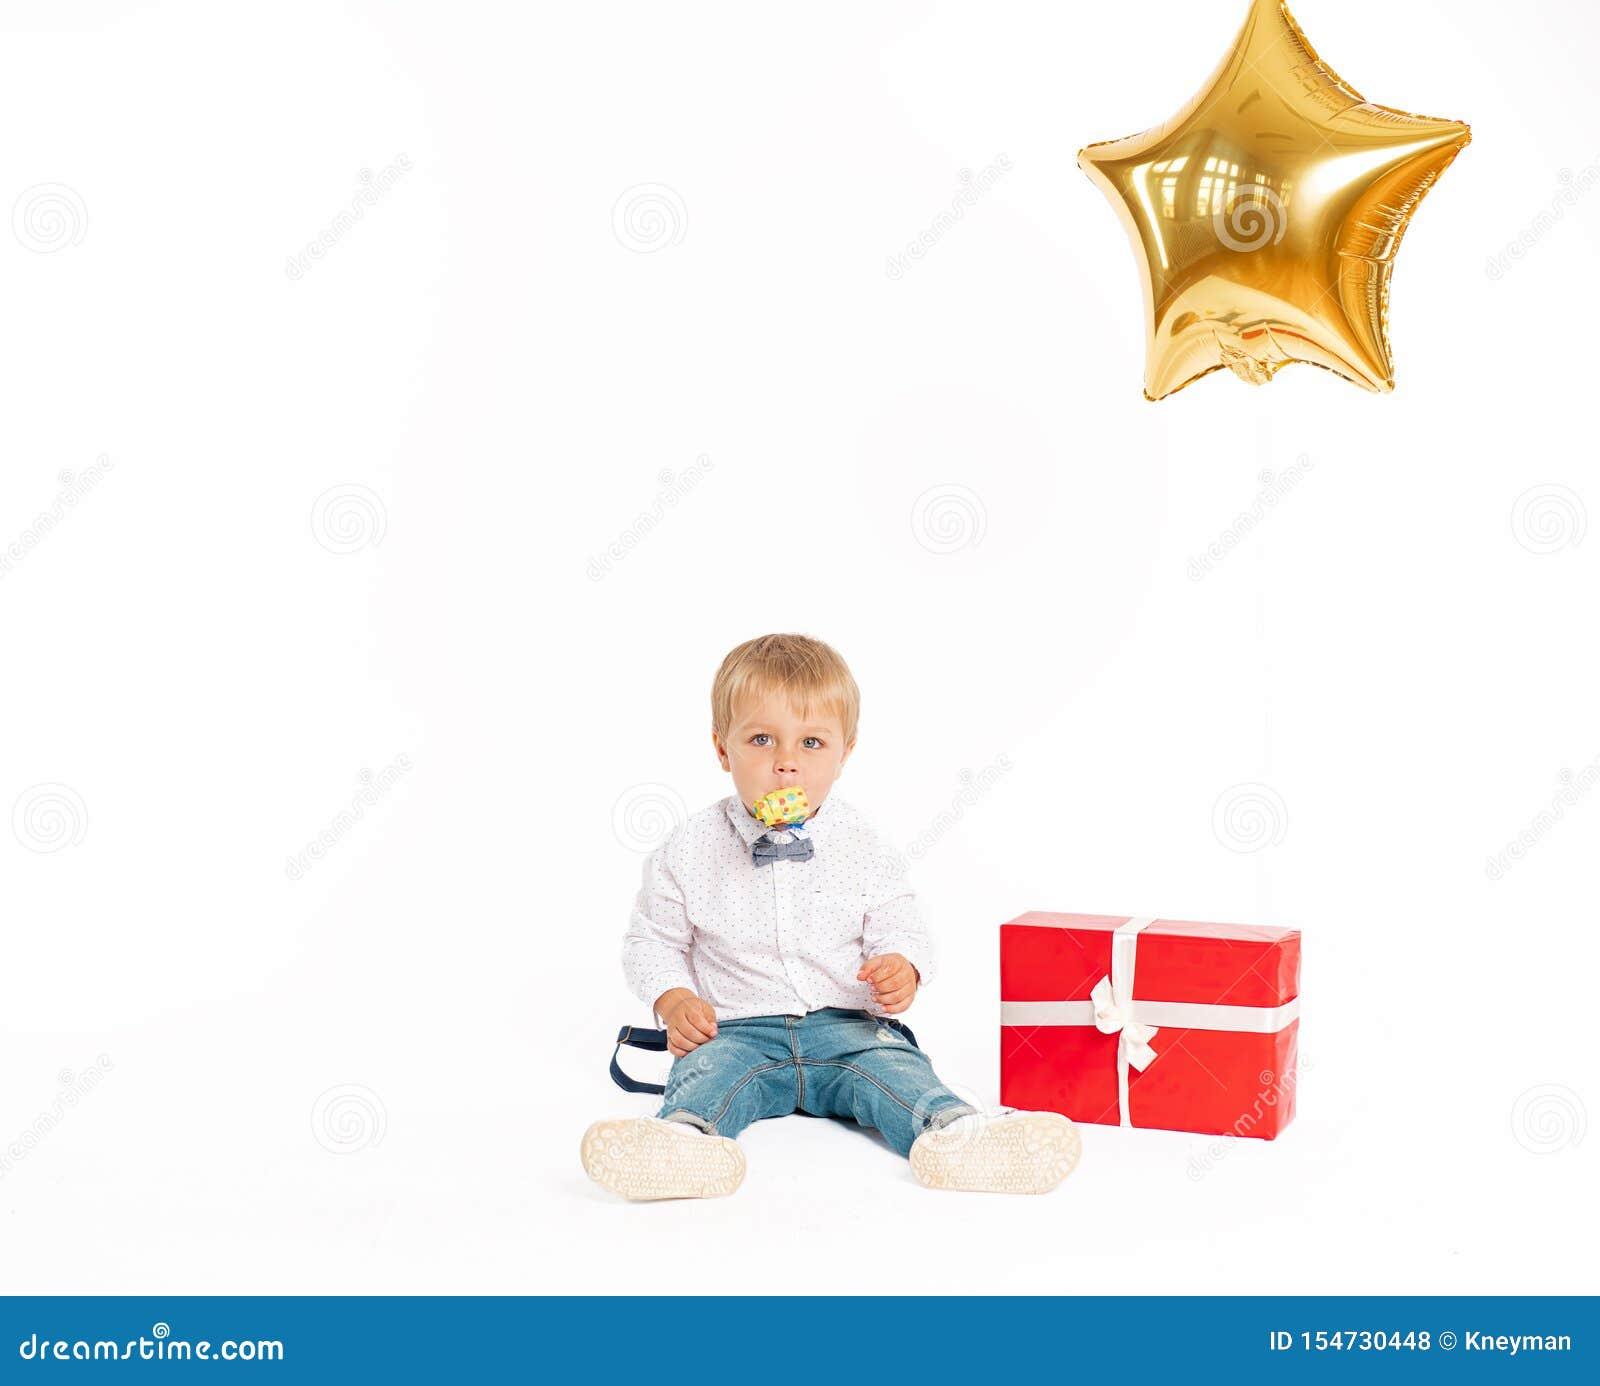 Rapaz pequeno bonito, calças de brim e camisa, estando perto do presente e fundindo no acordo do aniversário